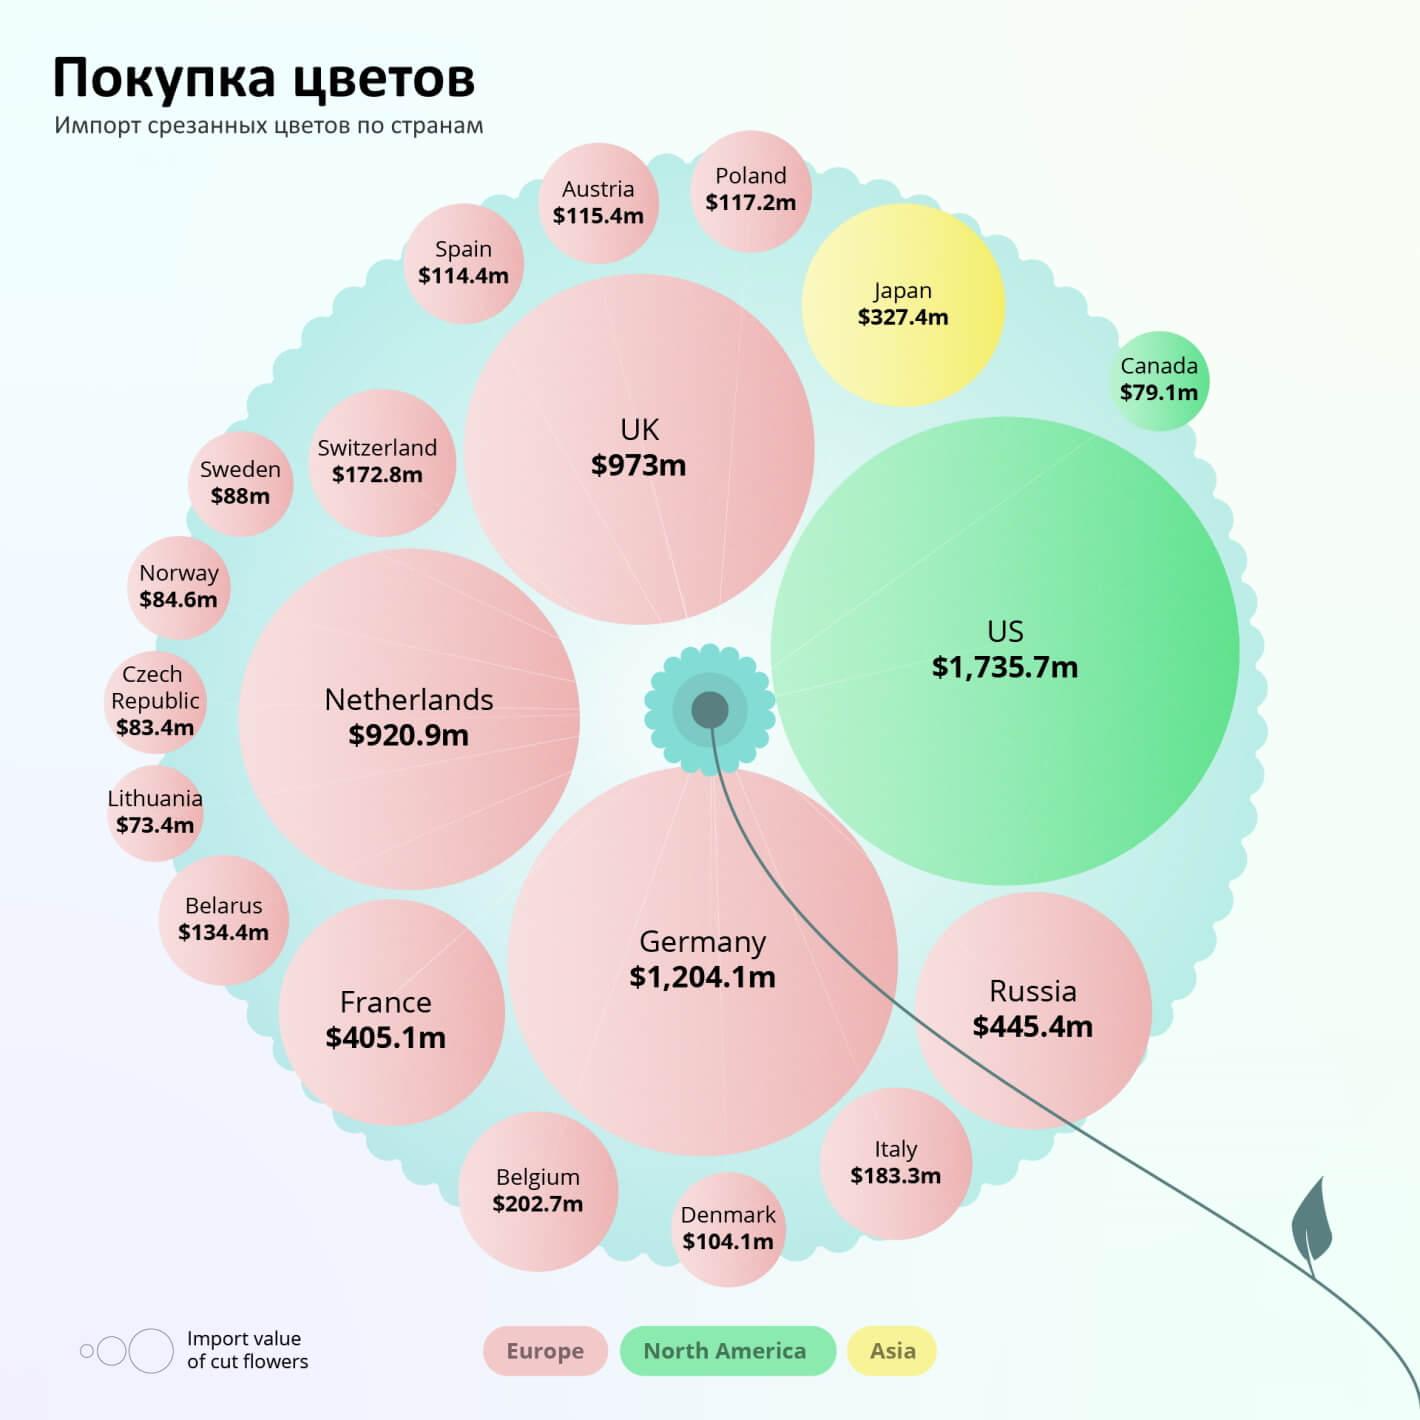 Импорт срезанных цветов по странам